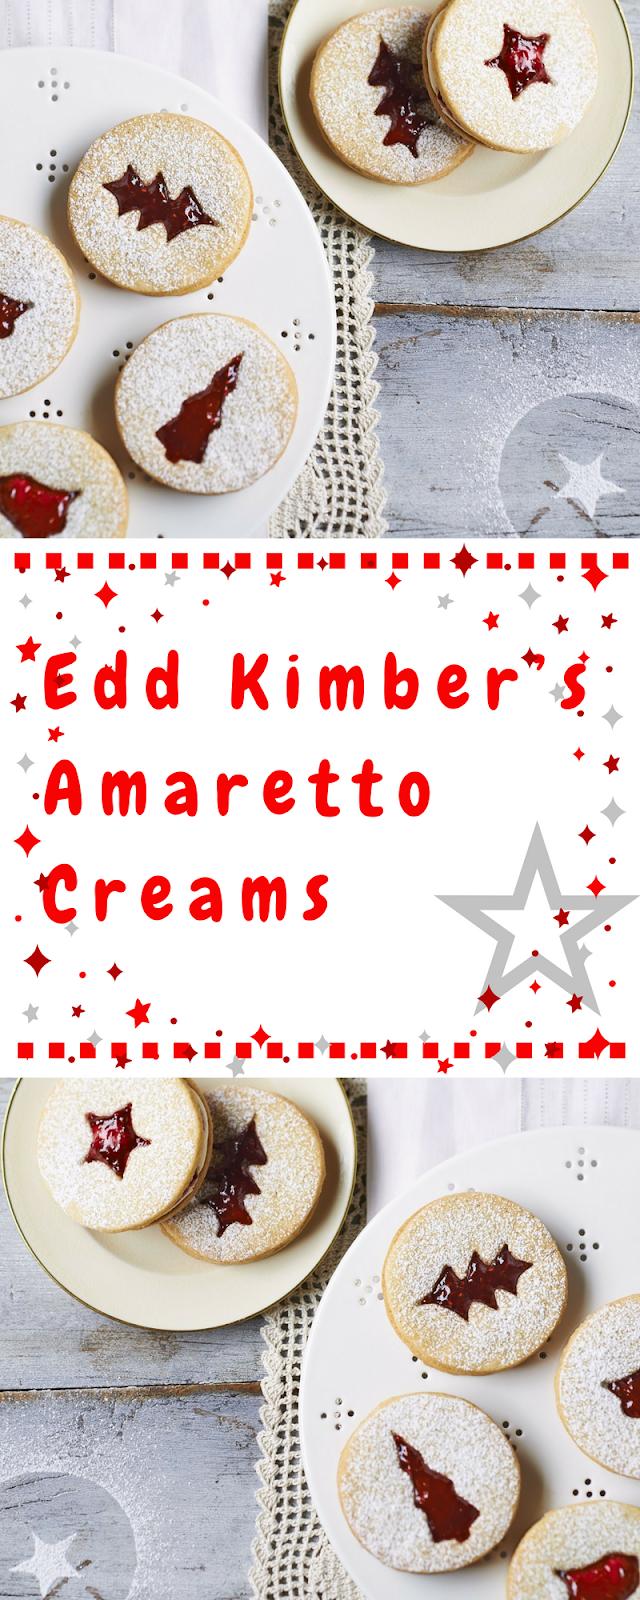 Edd Kimber's Amaretto Creams